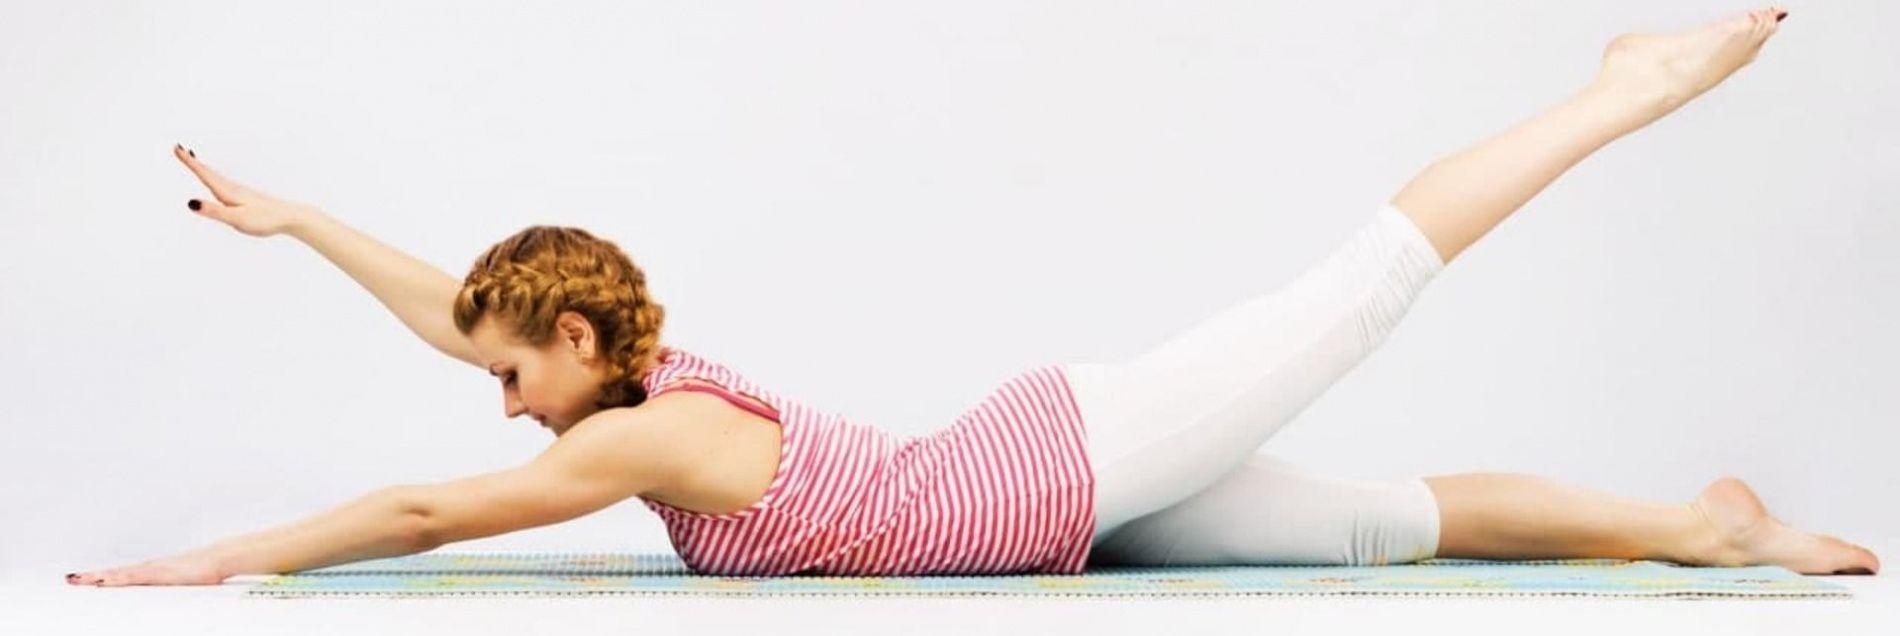 К каким проблемам приводит гормональный дисбаланс и что делать?